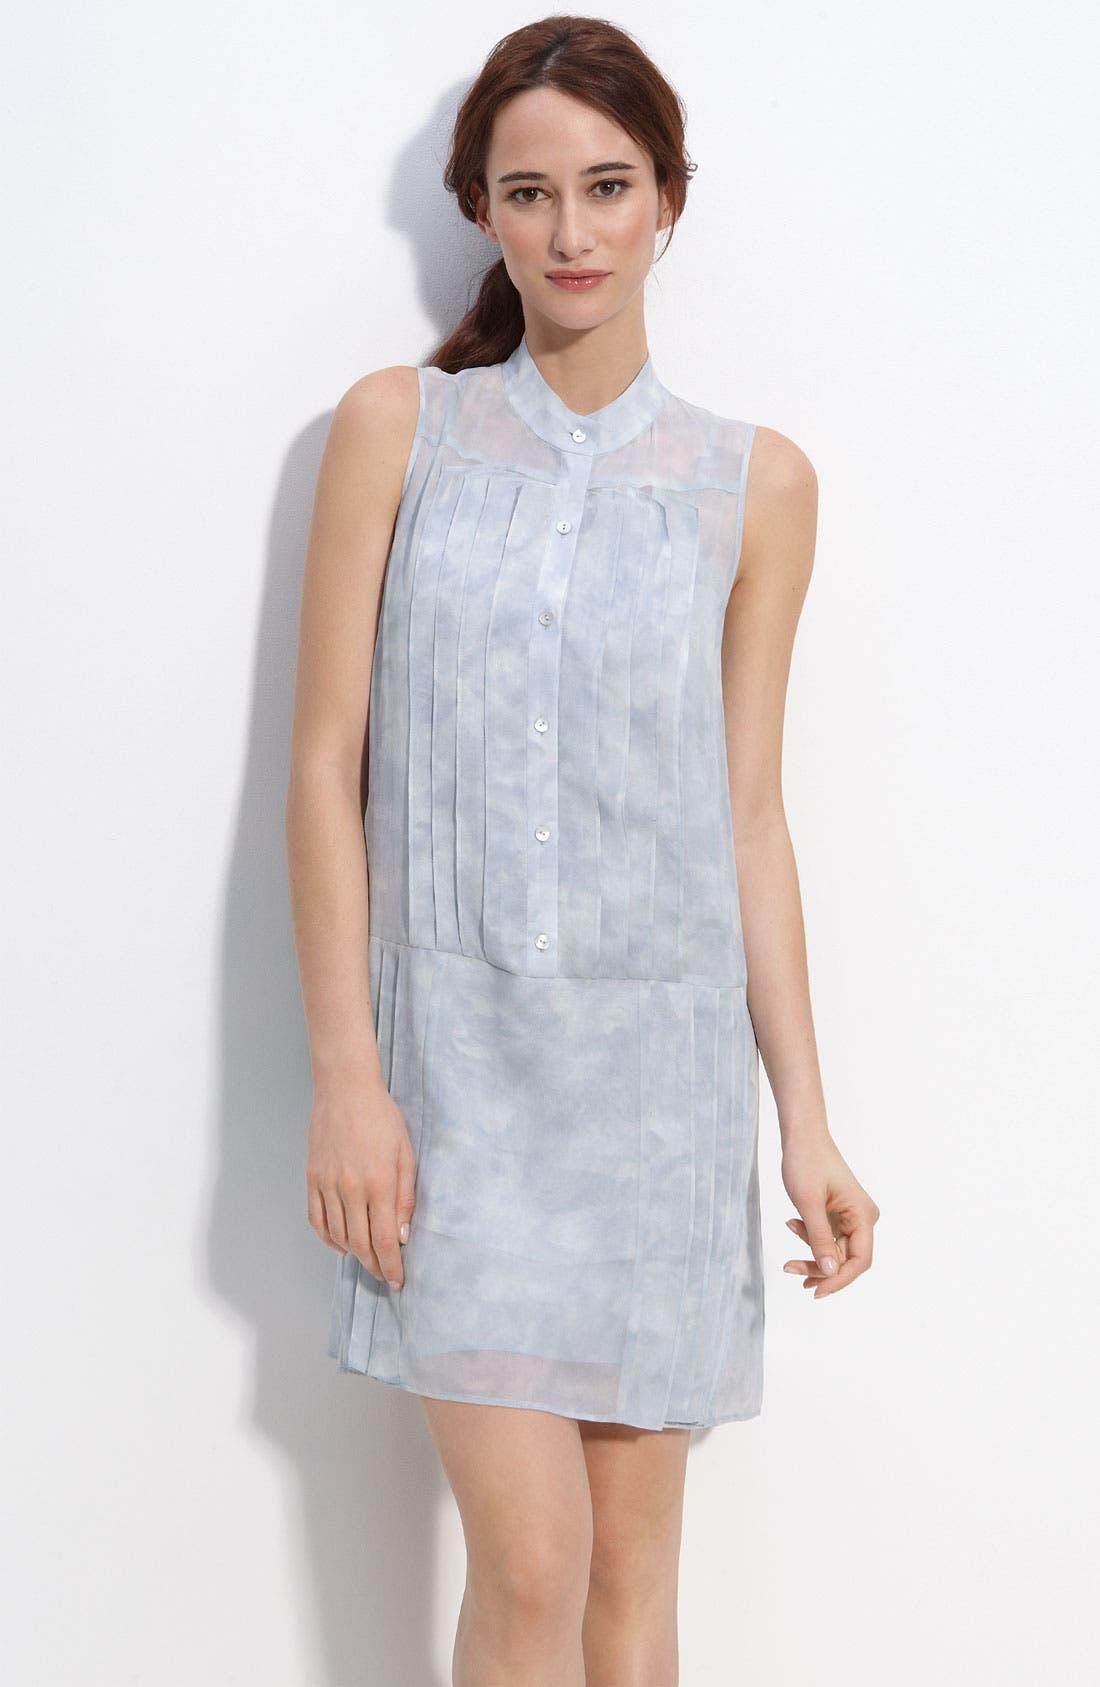 Alternate Image 1 Selected - Theory 'Olim' Pastel Sleeveless Dress